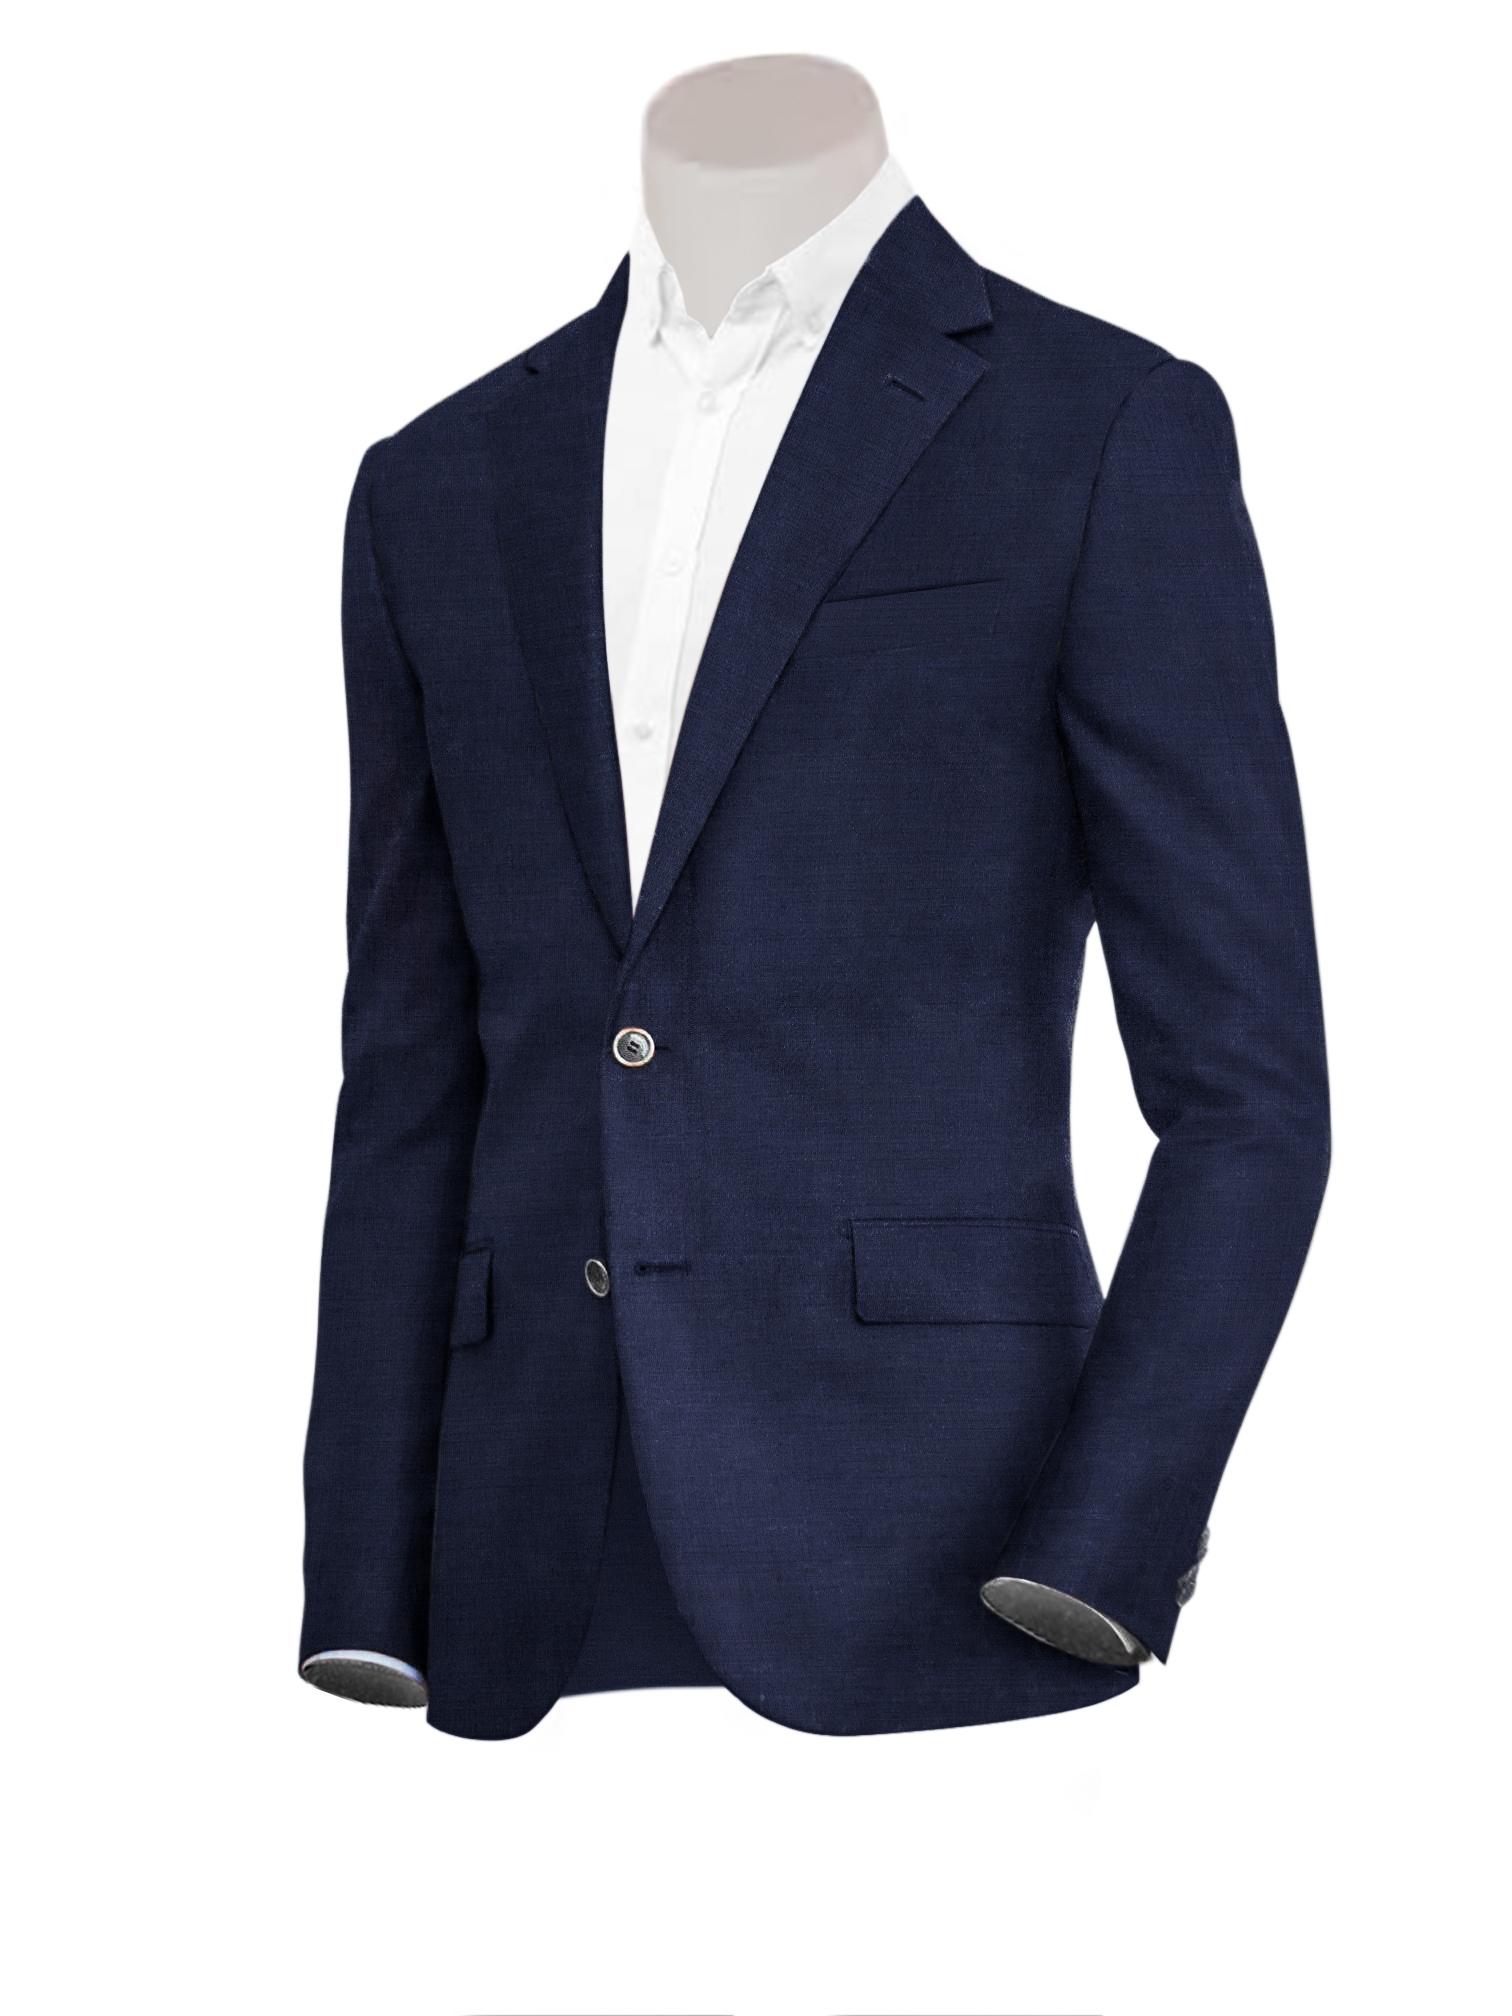 DBQ797A Jacket